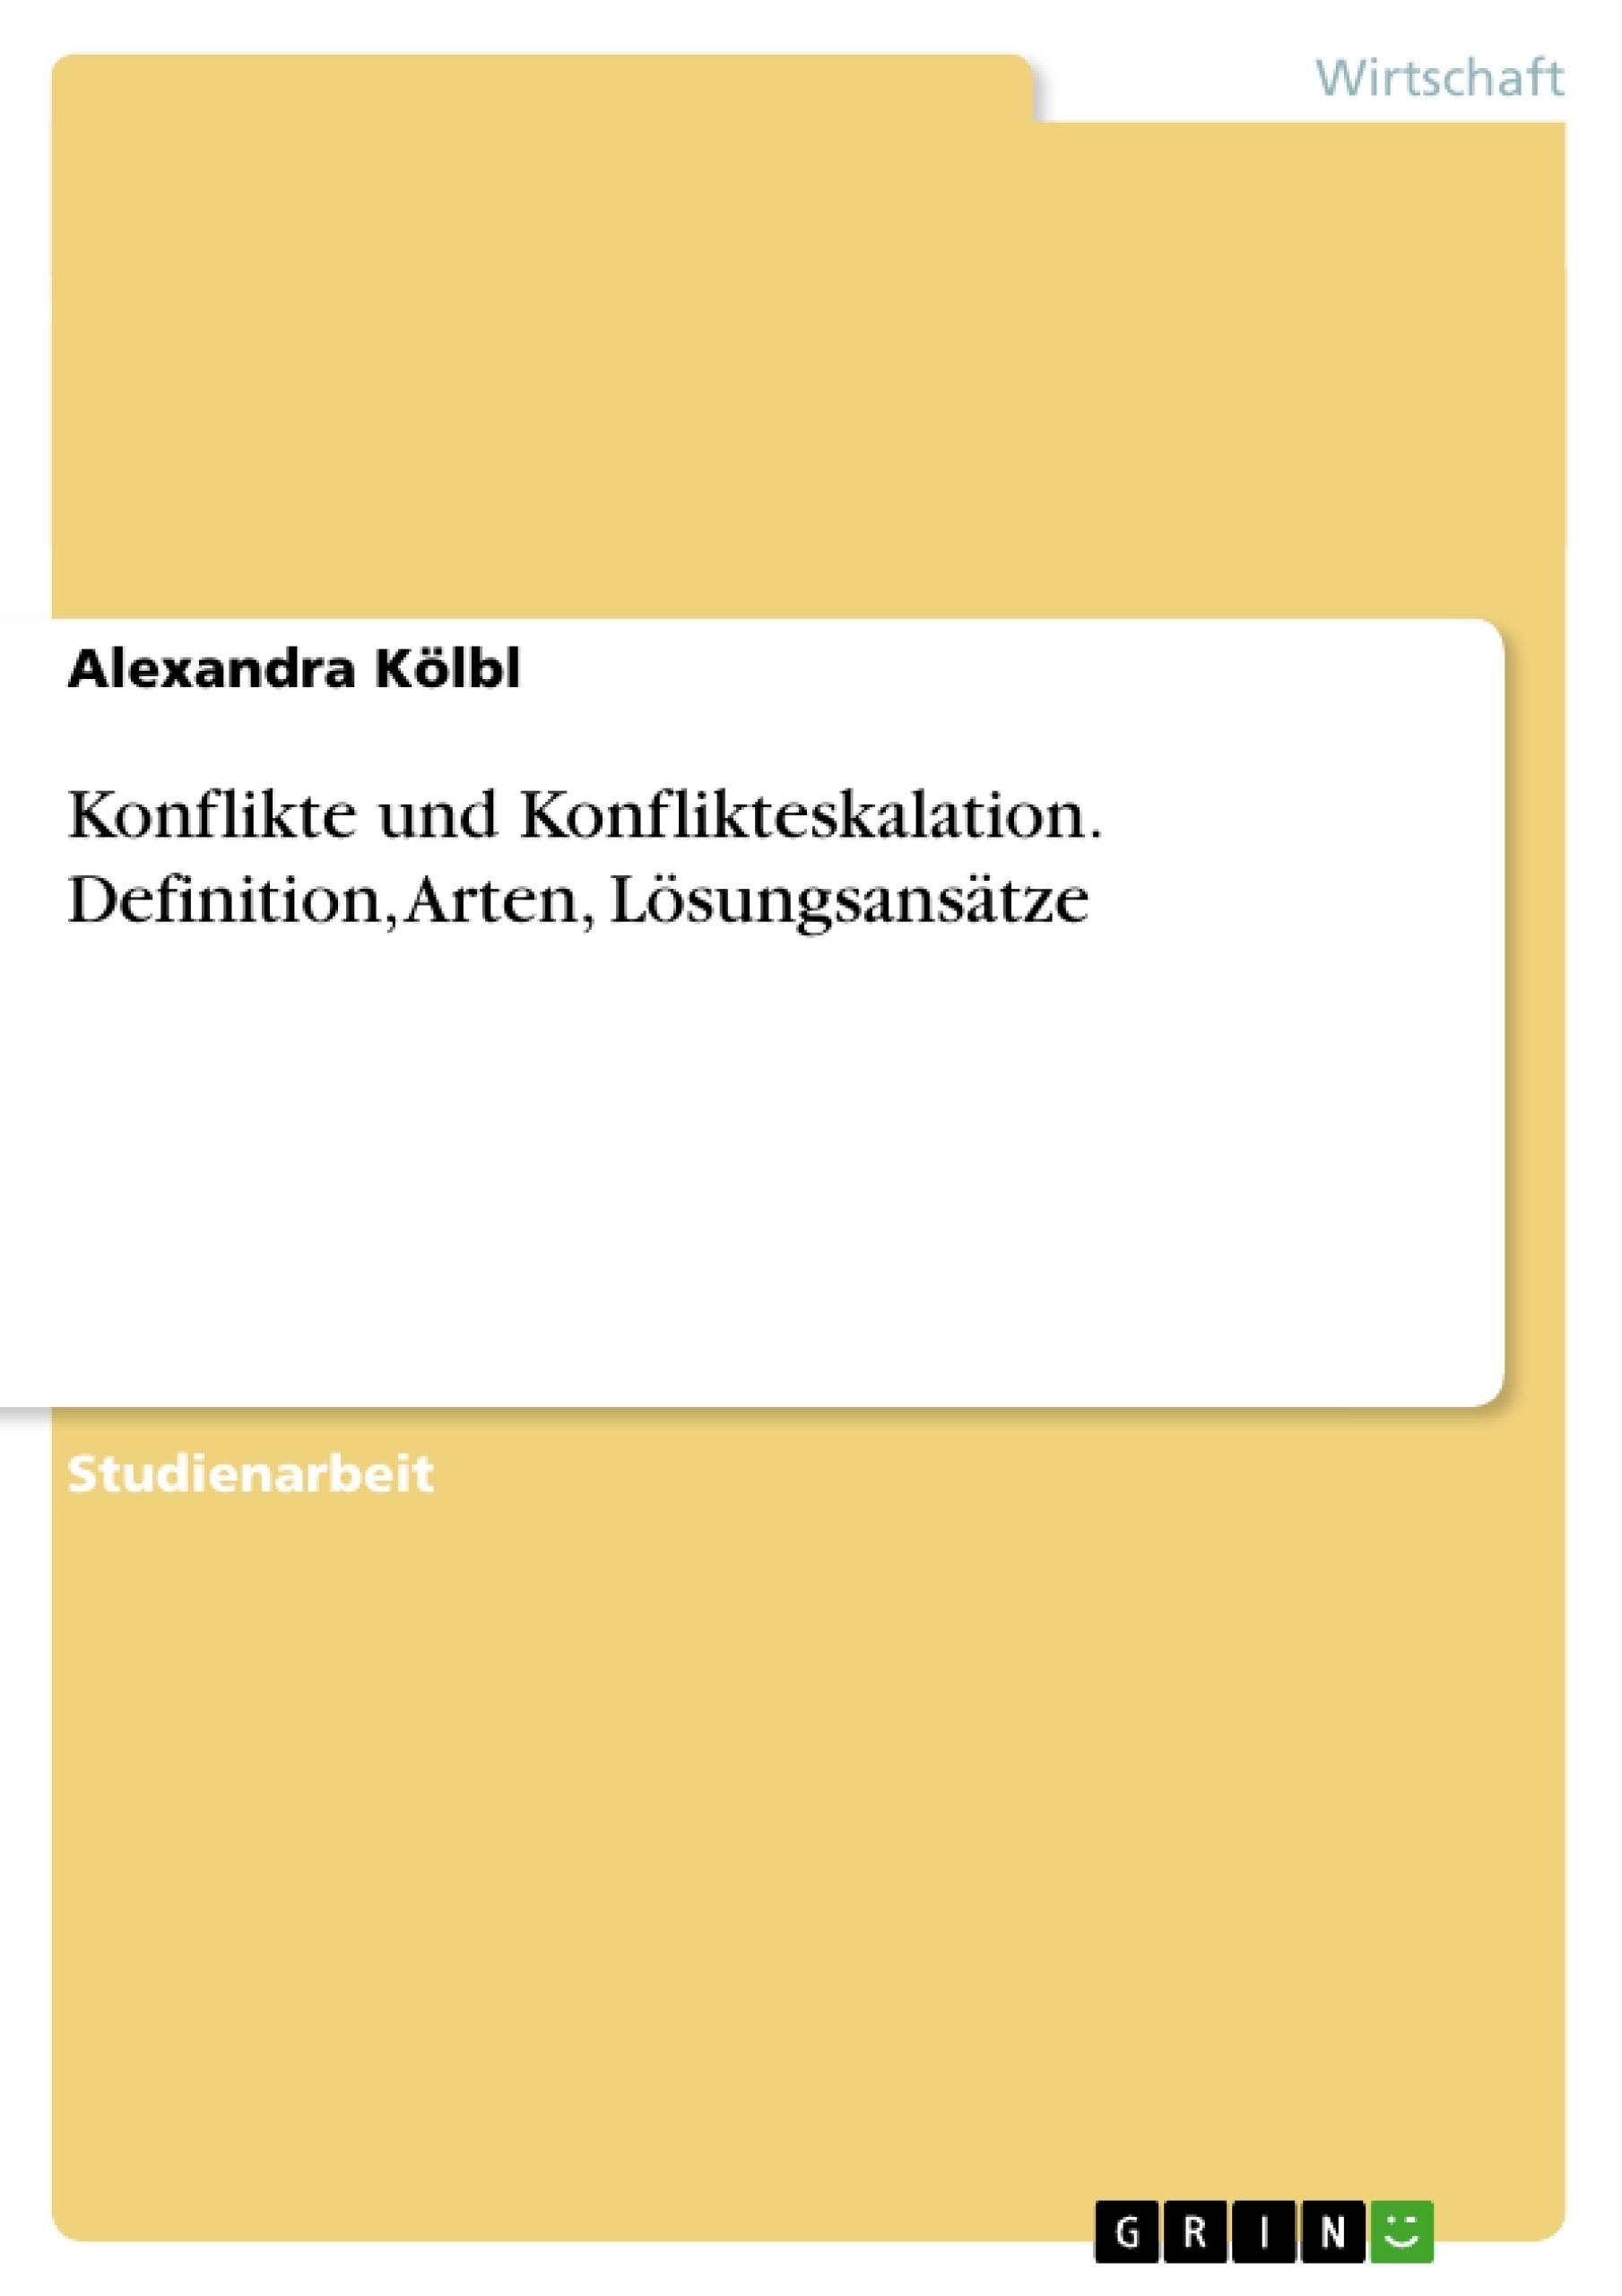 Titel: Konflikte und Konflikteskalation. Definition, Arten, Lösungsansätze